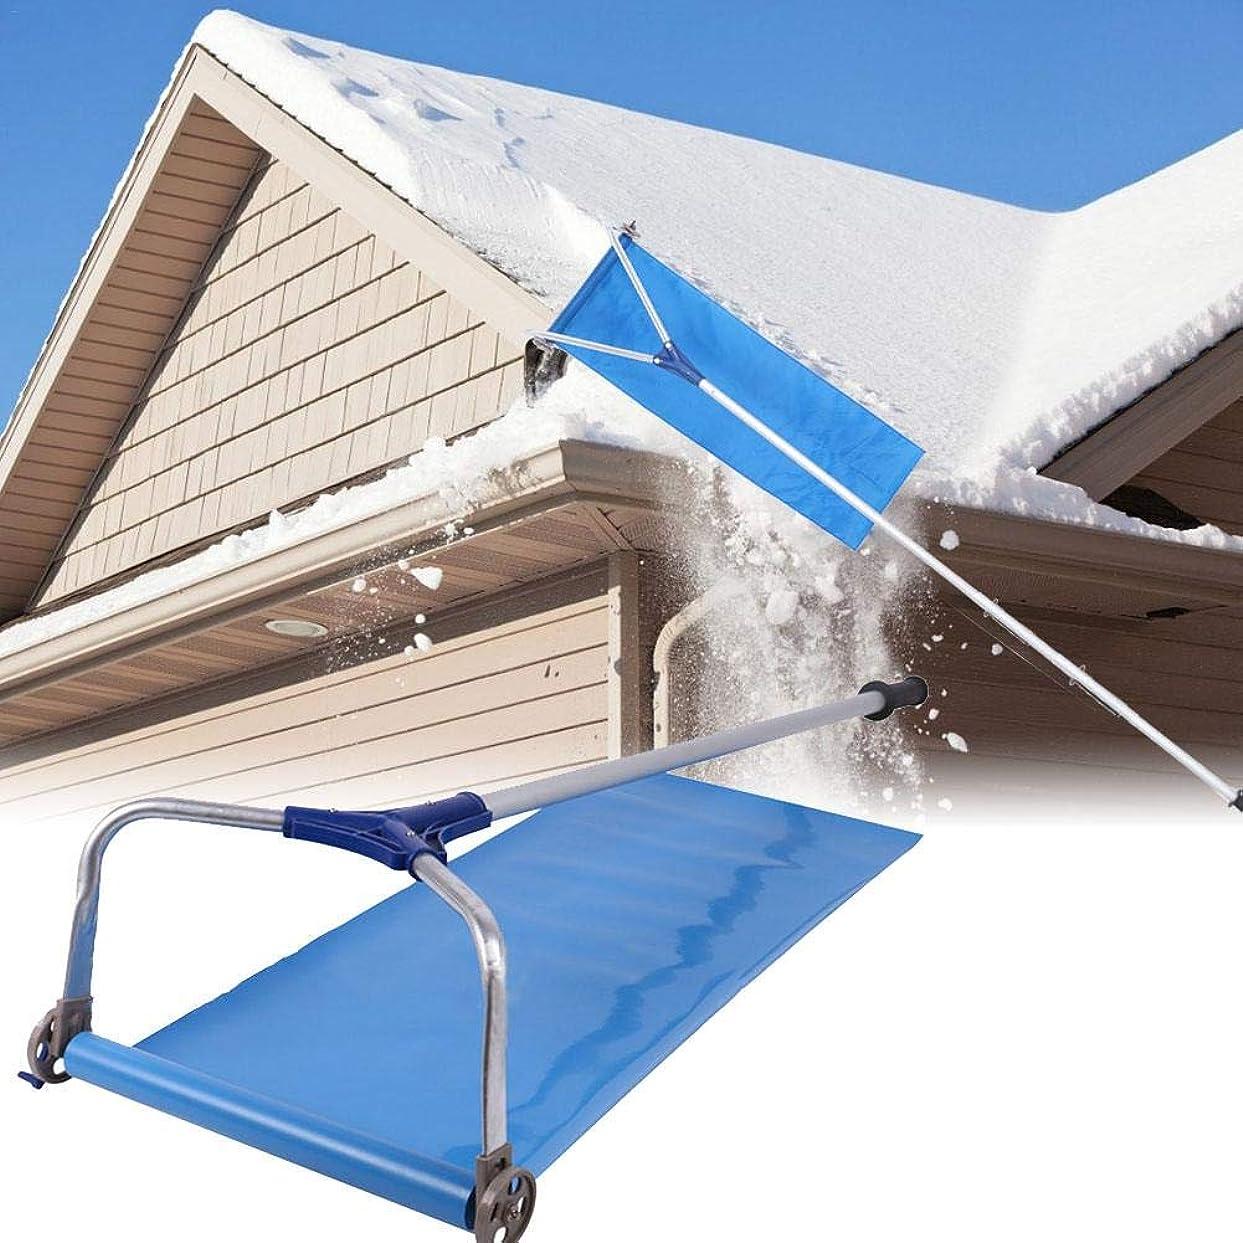 安いです洞察力のある命題steman-net 雪落とし 雪下ろし 簡単ツール 190~640cmハンドル アルミ 雪おろし棒 除雪 屋根 車などに適用 【雪庇落とし アルミパイプ伸縮ロック式】